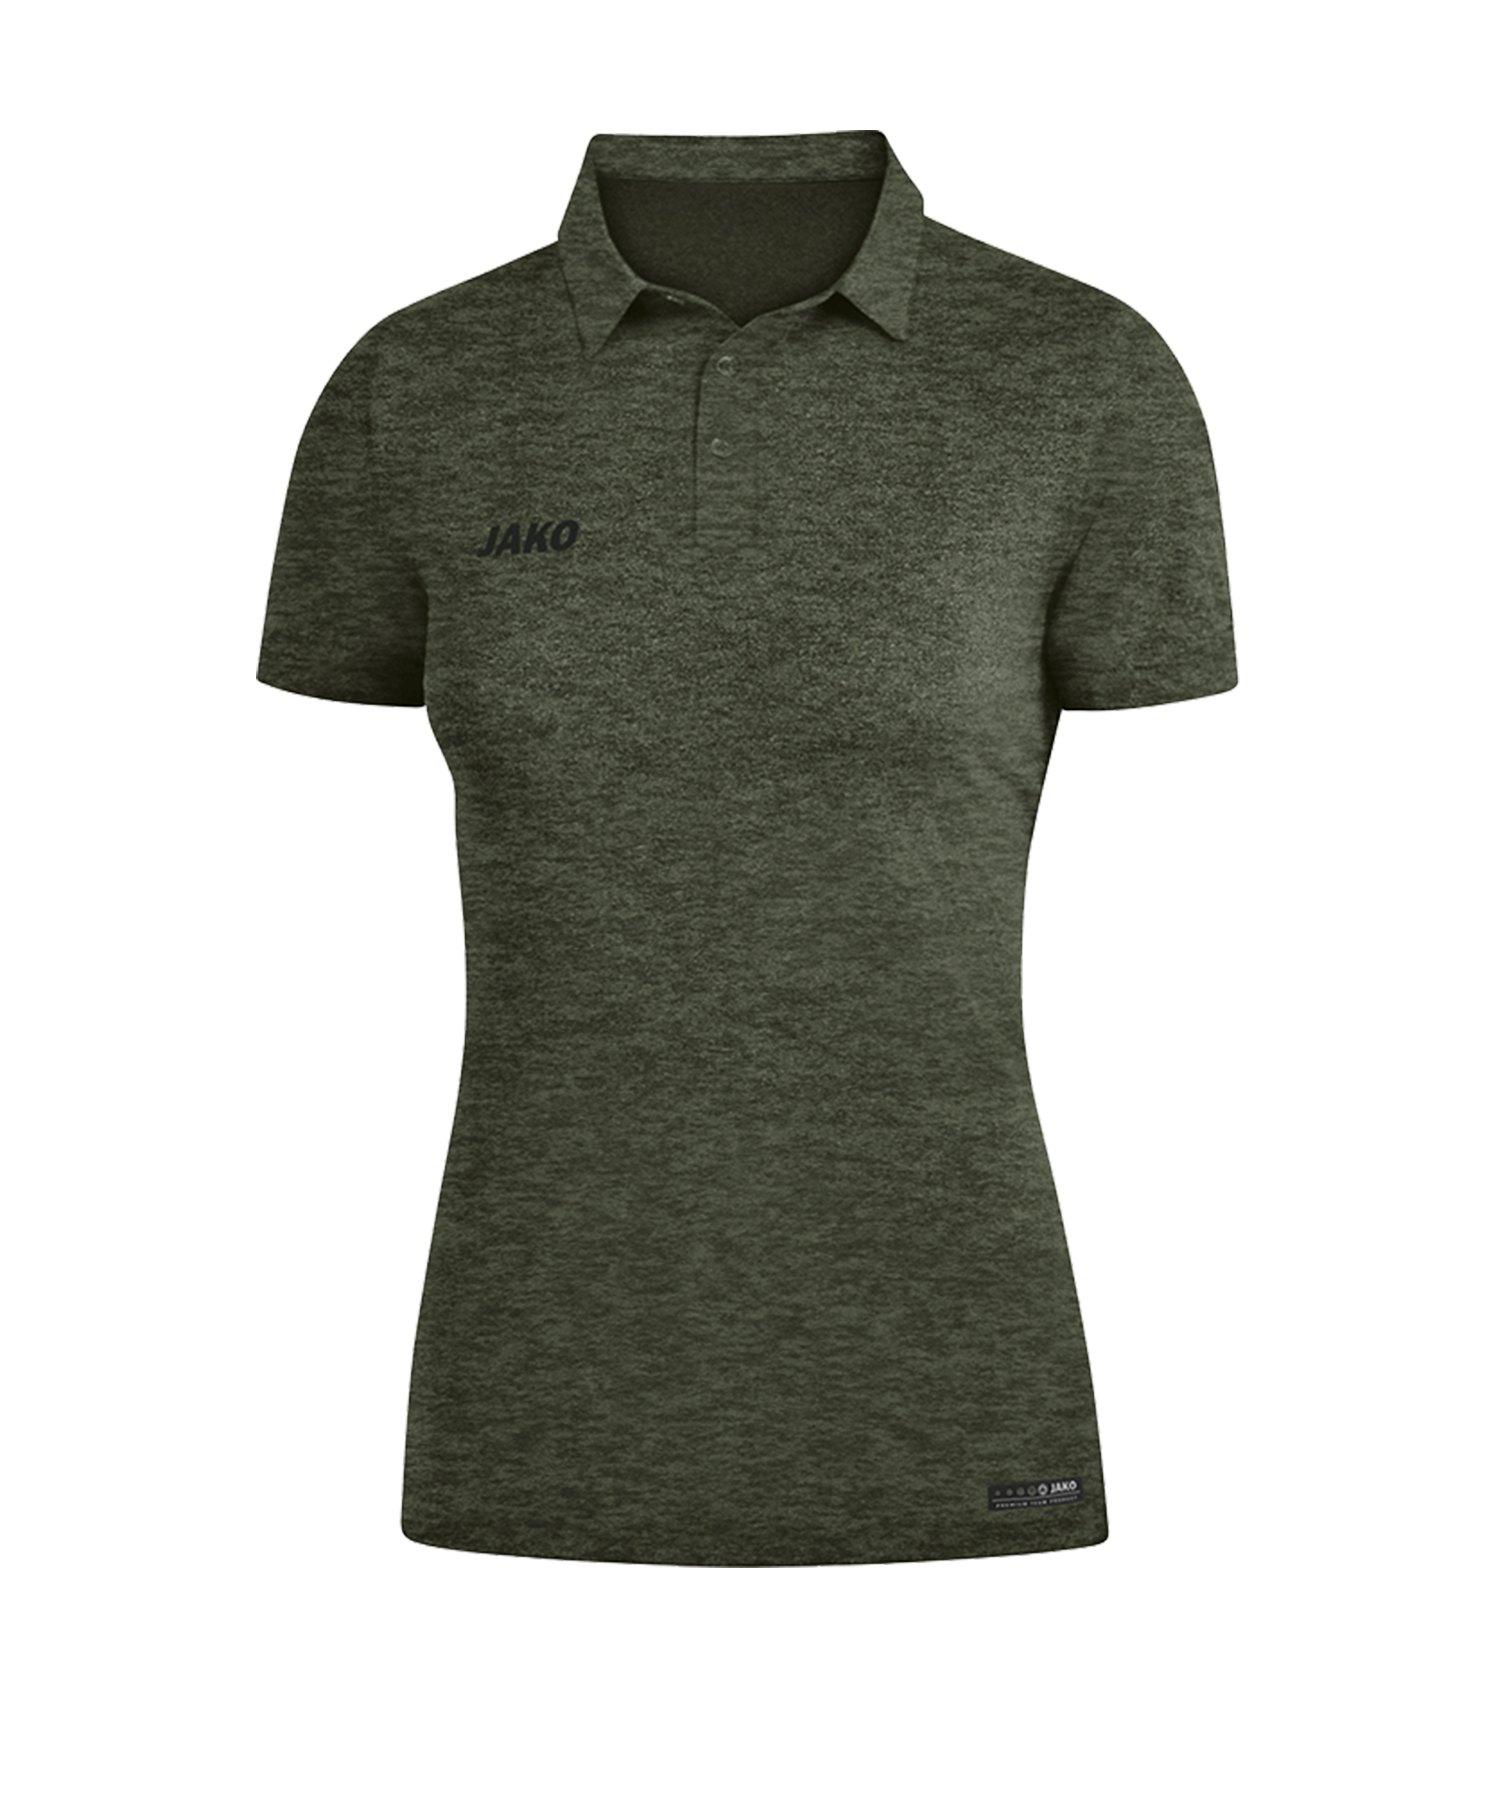 Jako Premium Basics Poloshirt Damen Khaki F28 - Khaki